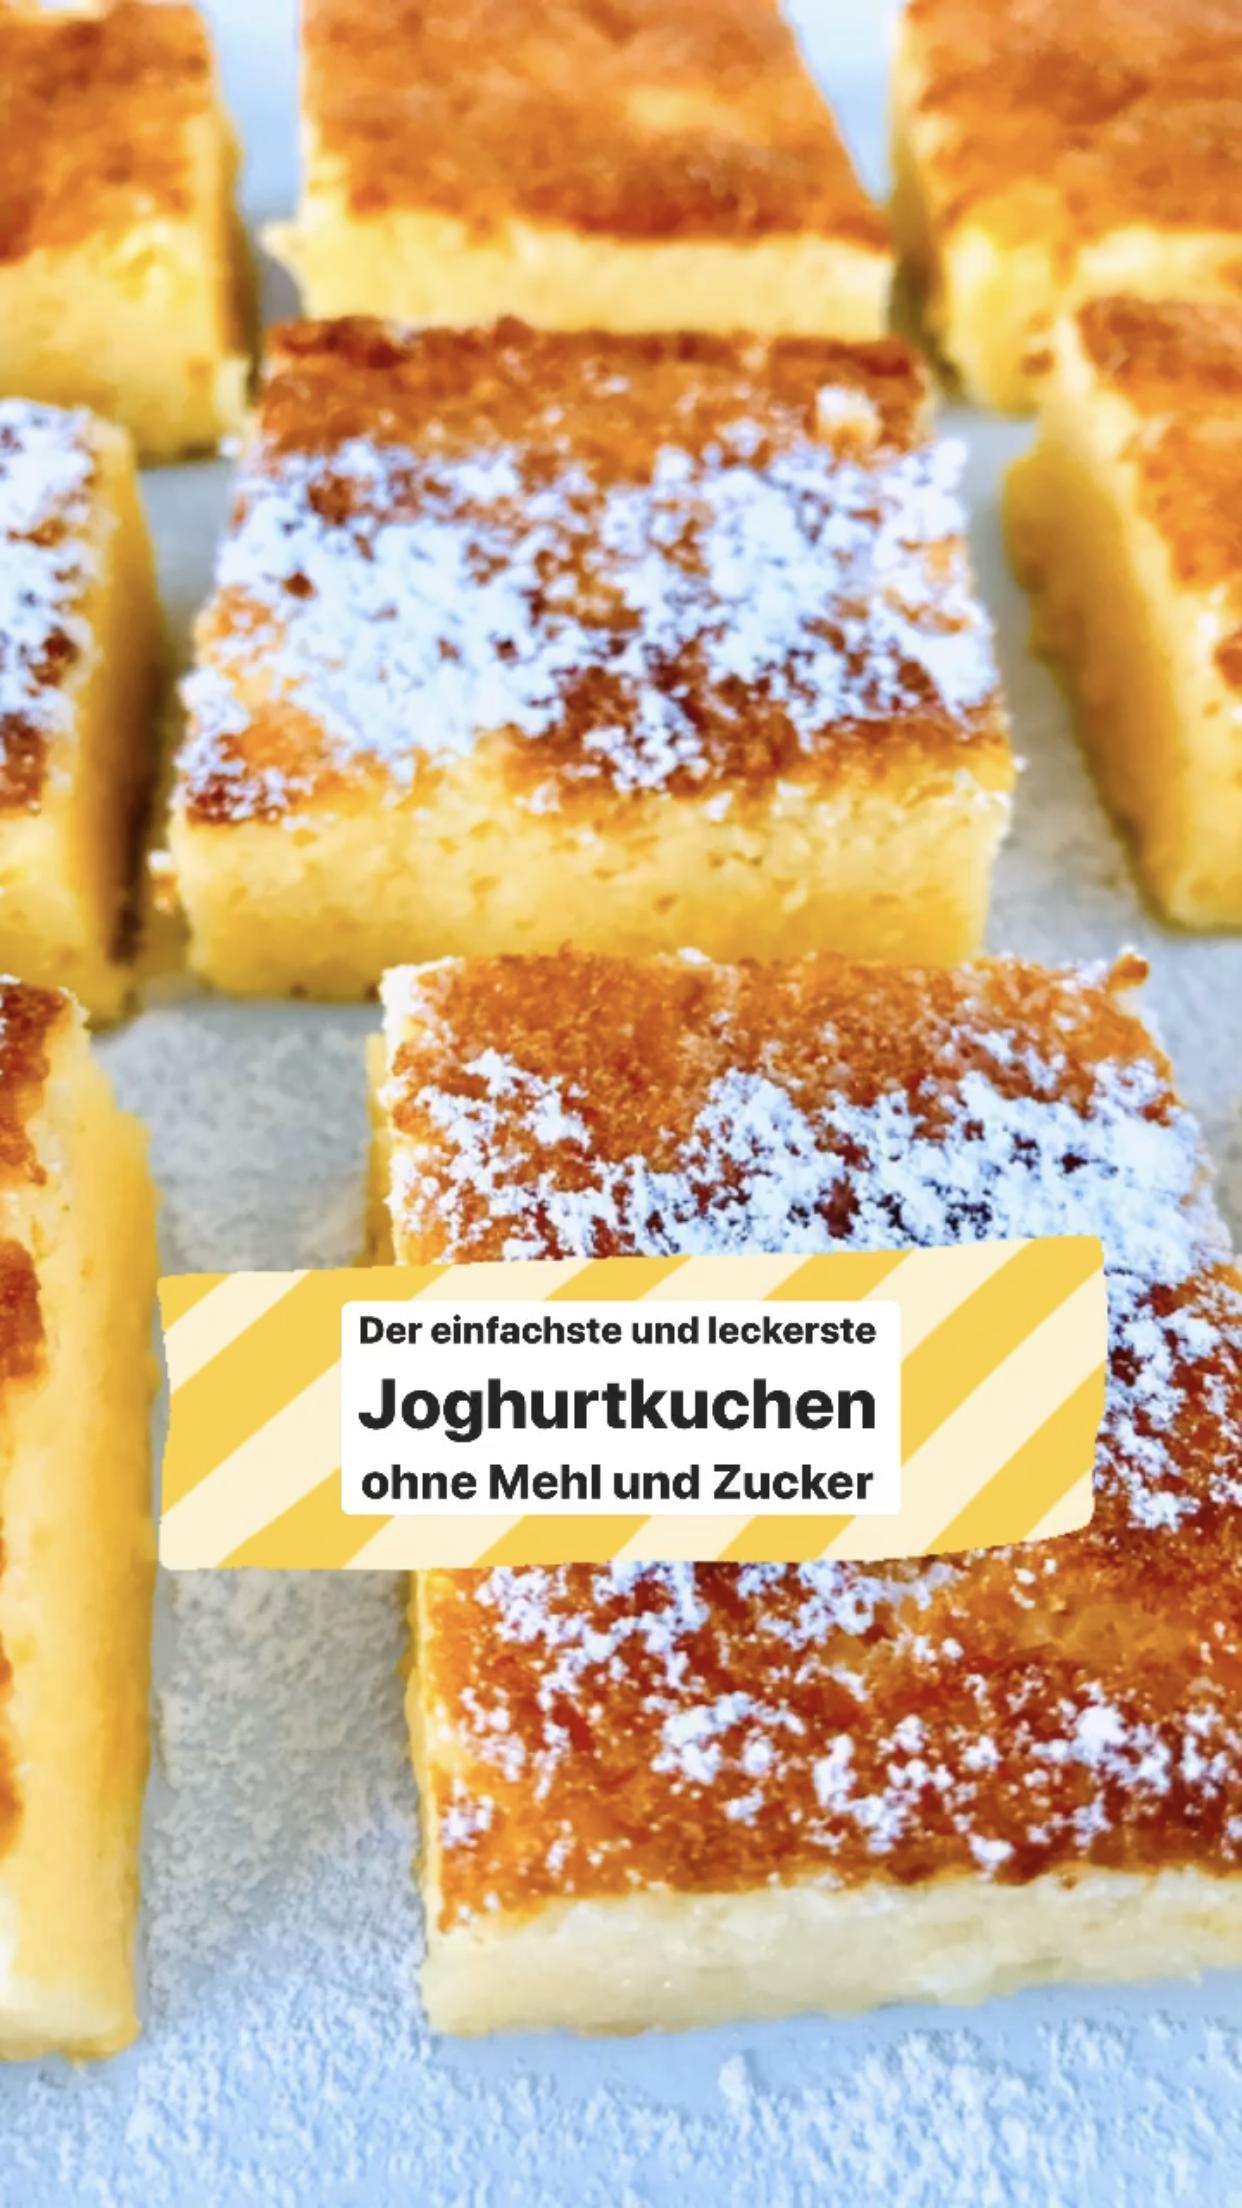 Einfacher Joghurtkuchen ohne Mehl und Zucker - Holla die Kochfee